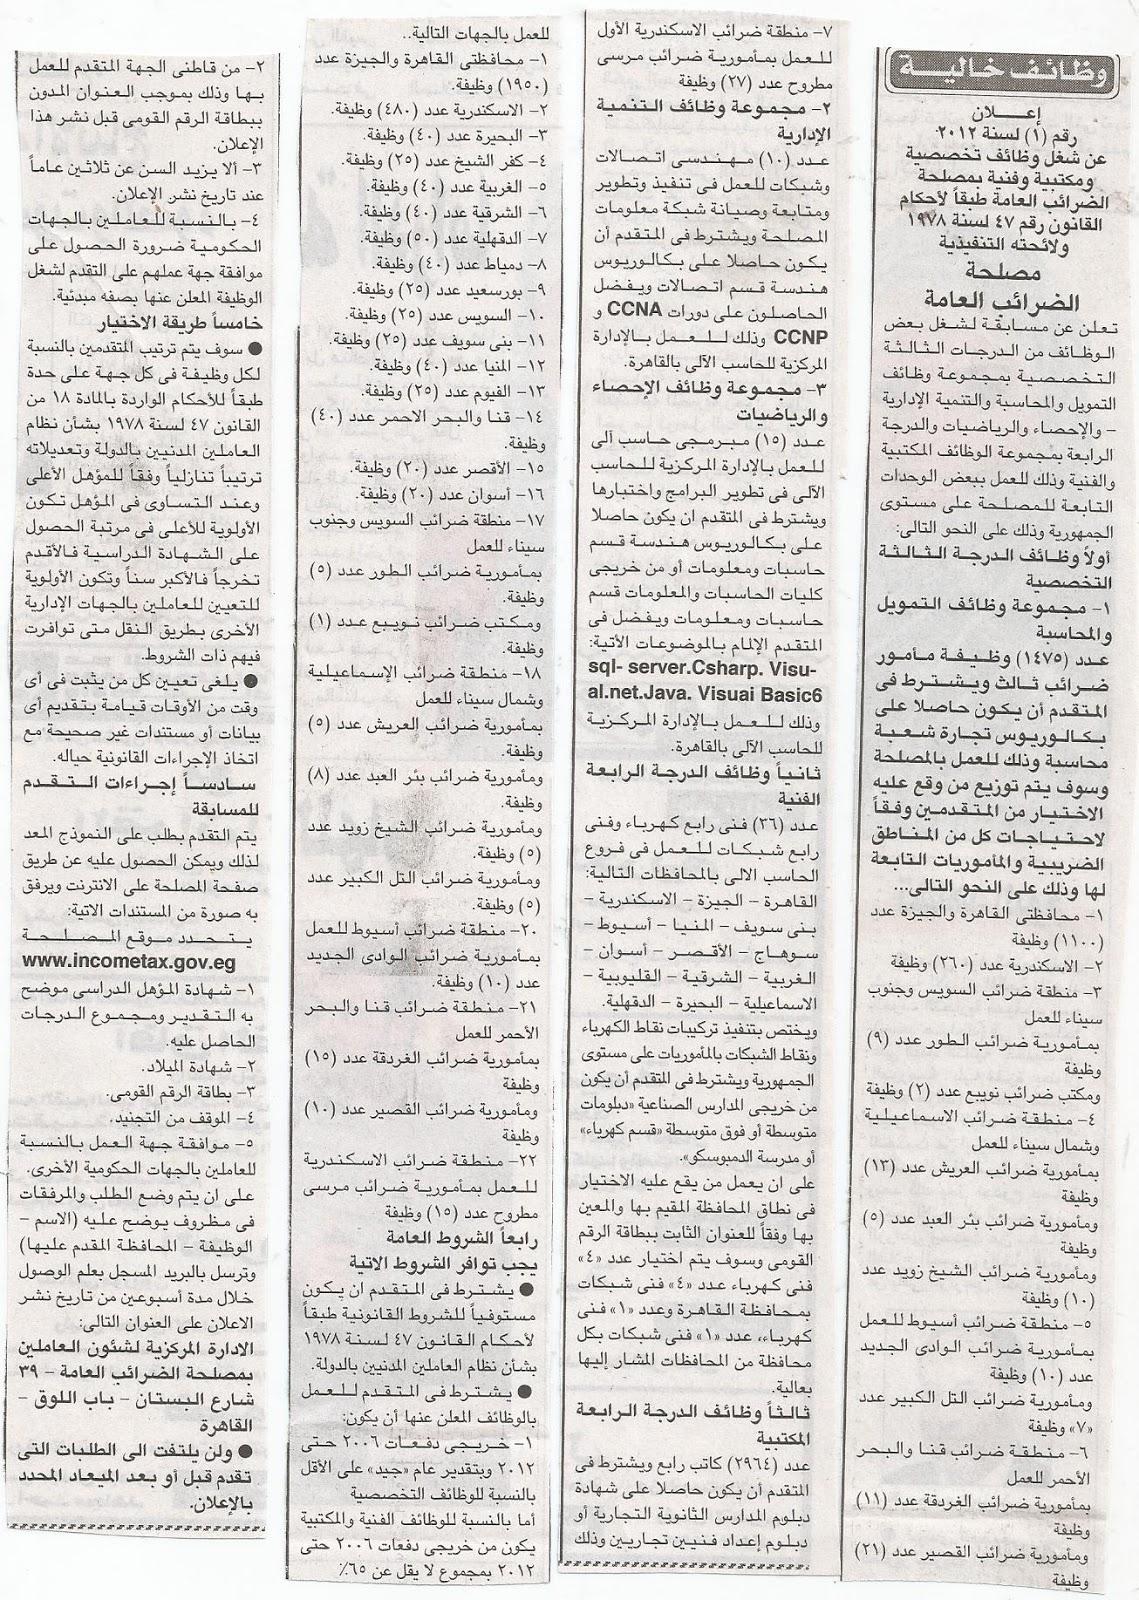 بالصور تفاصيل مسابقة مصلحة الضرائب المصرية العقارية fadbc8002b65f64cca6568846ff6bf47